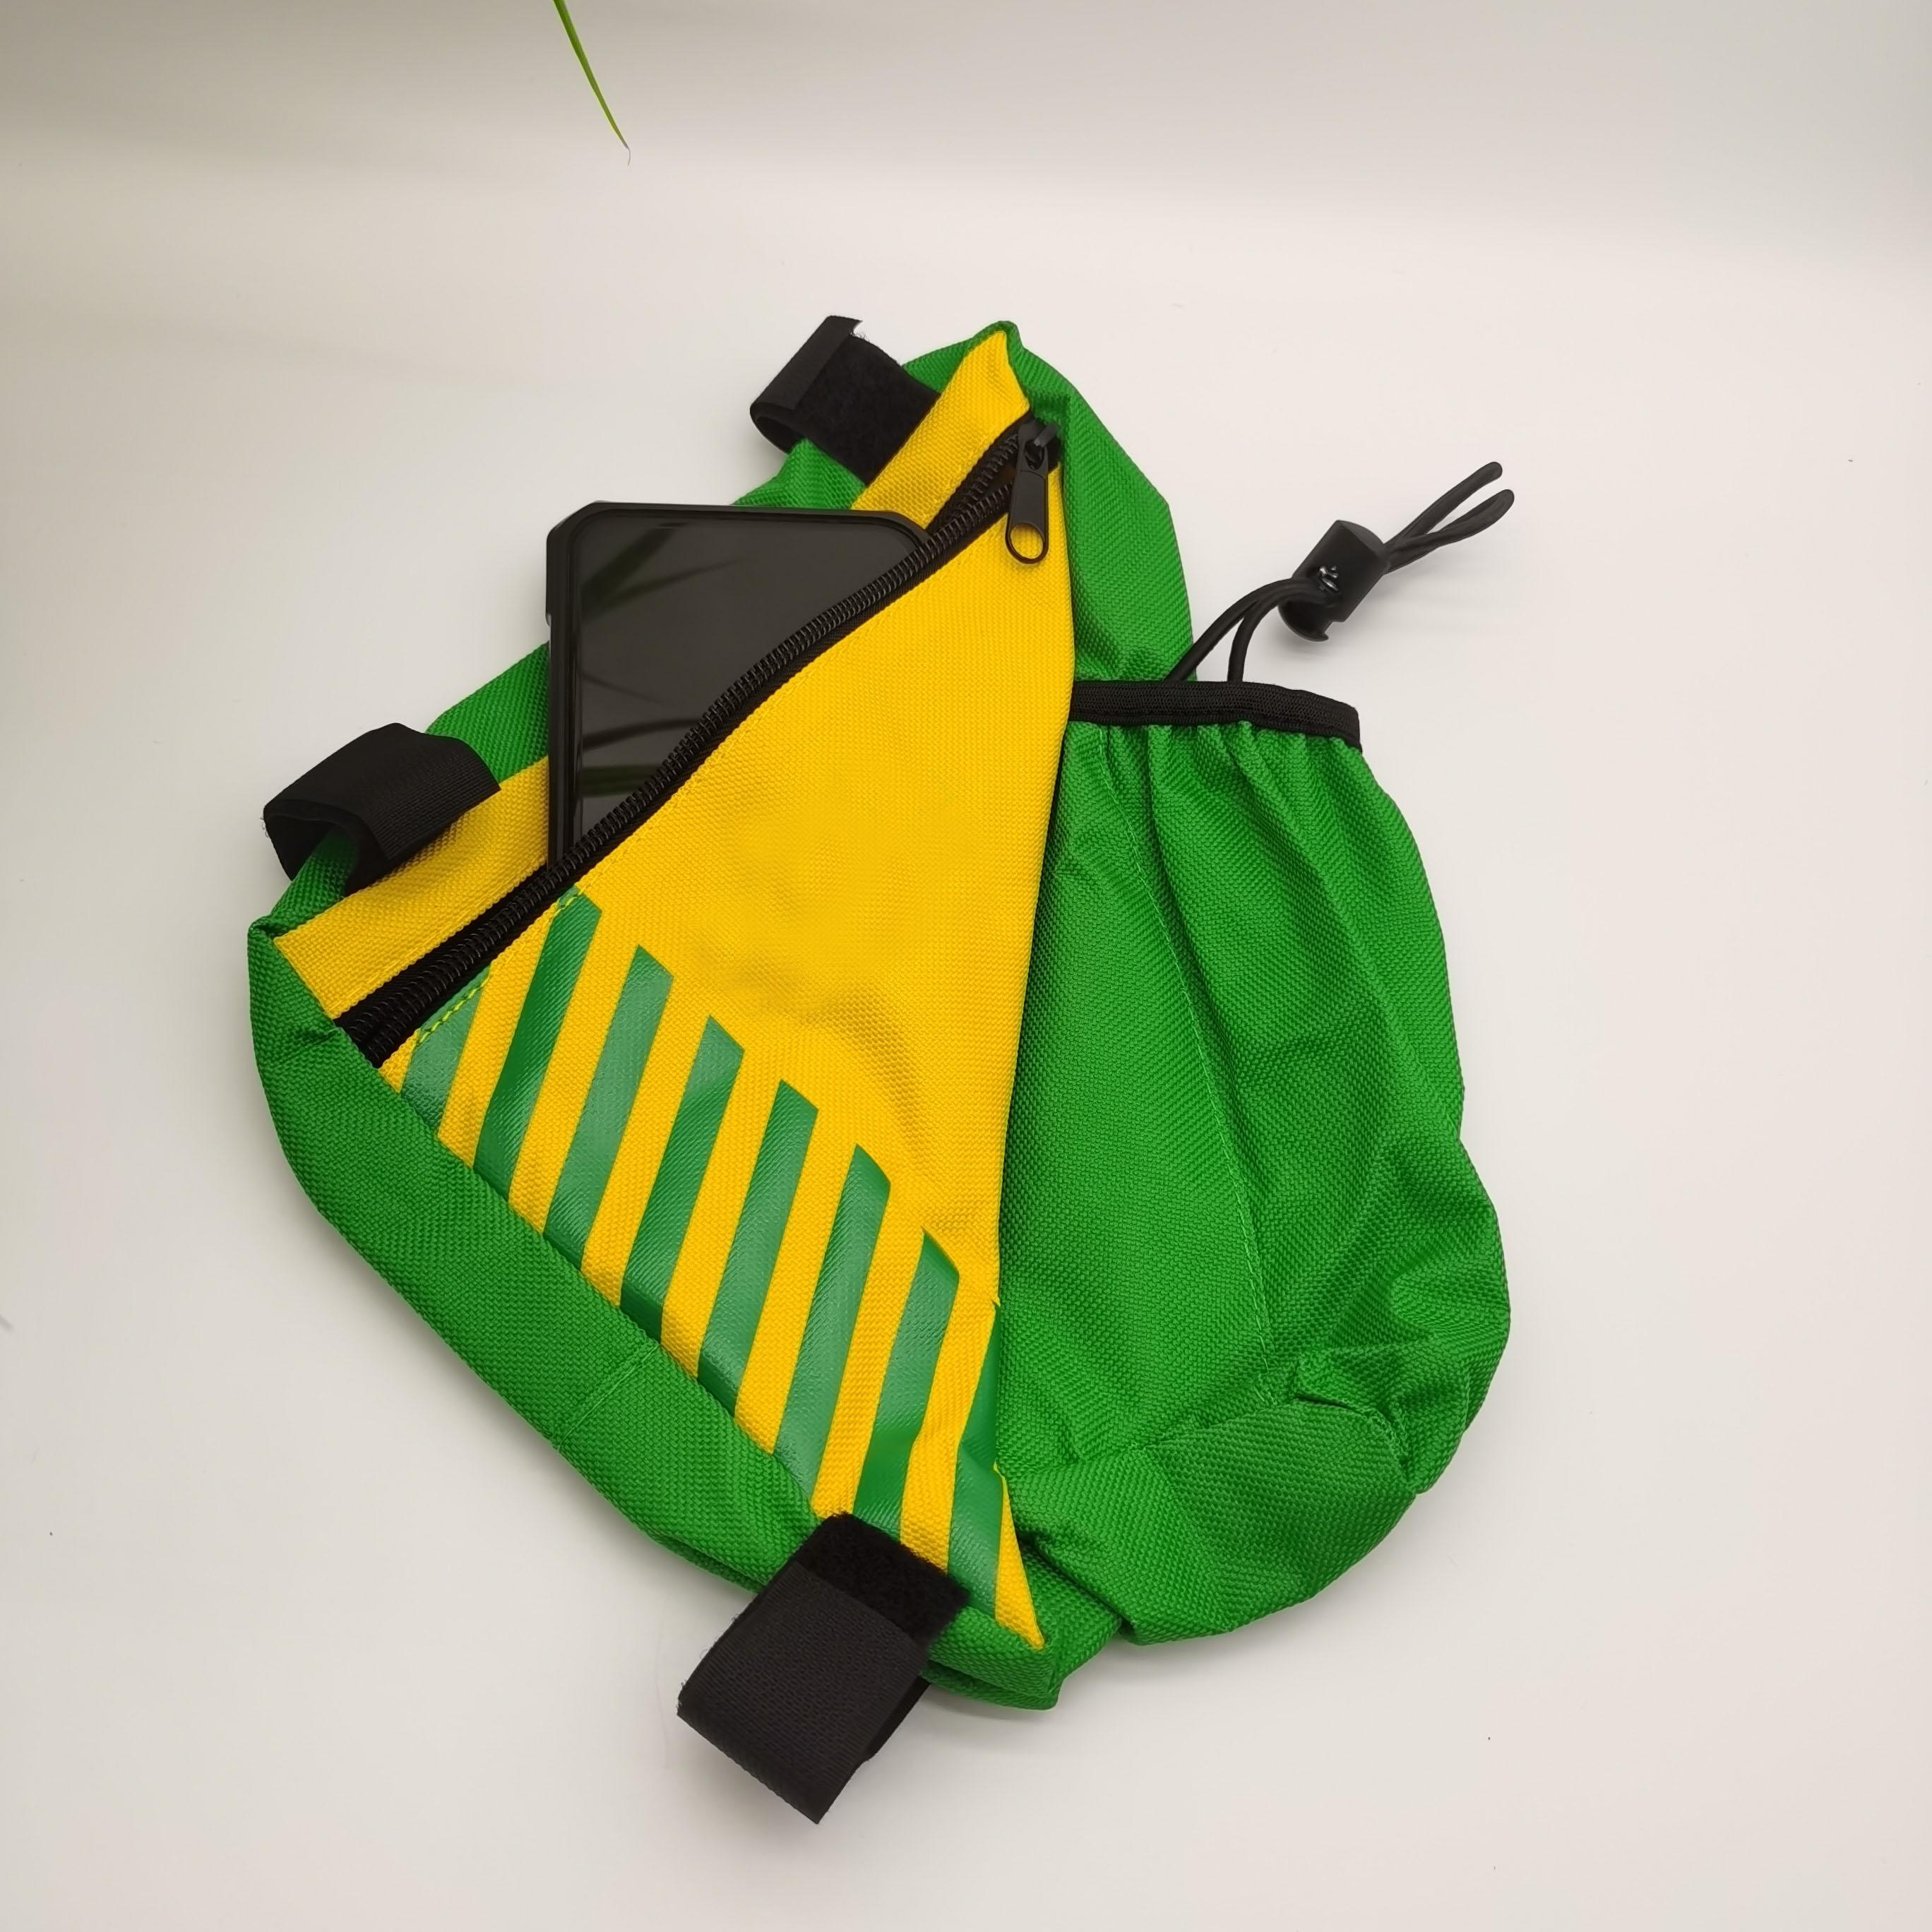 Vivibetter-waterproof bike bag in camflage 004